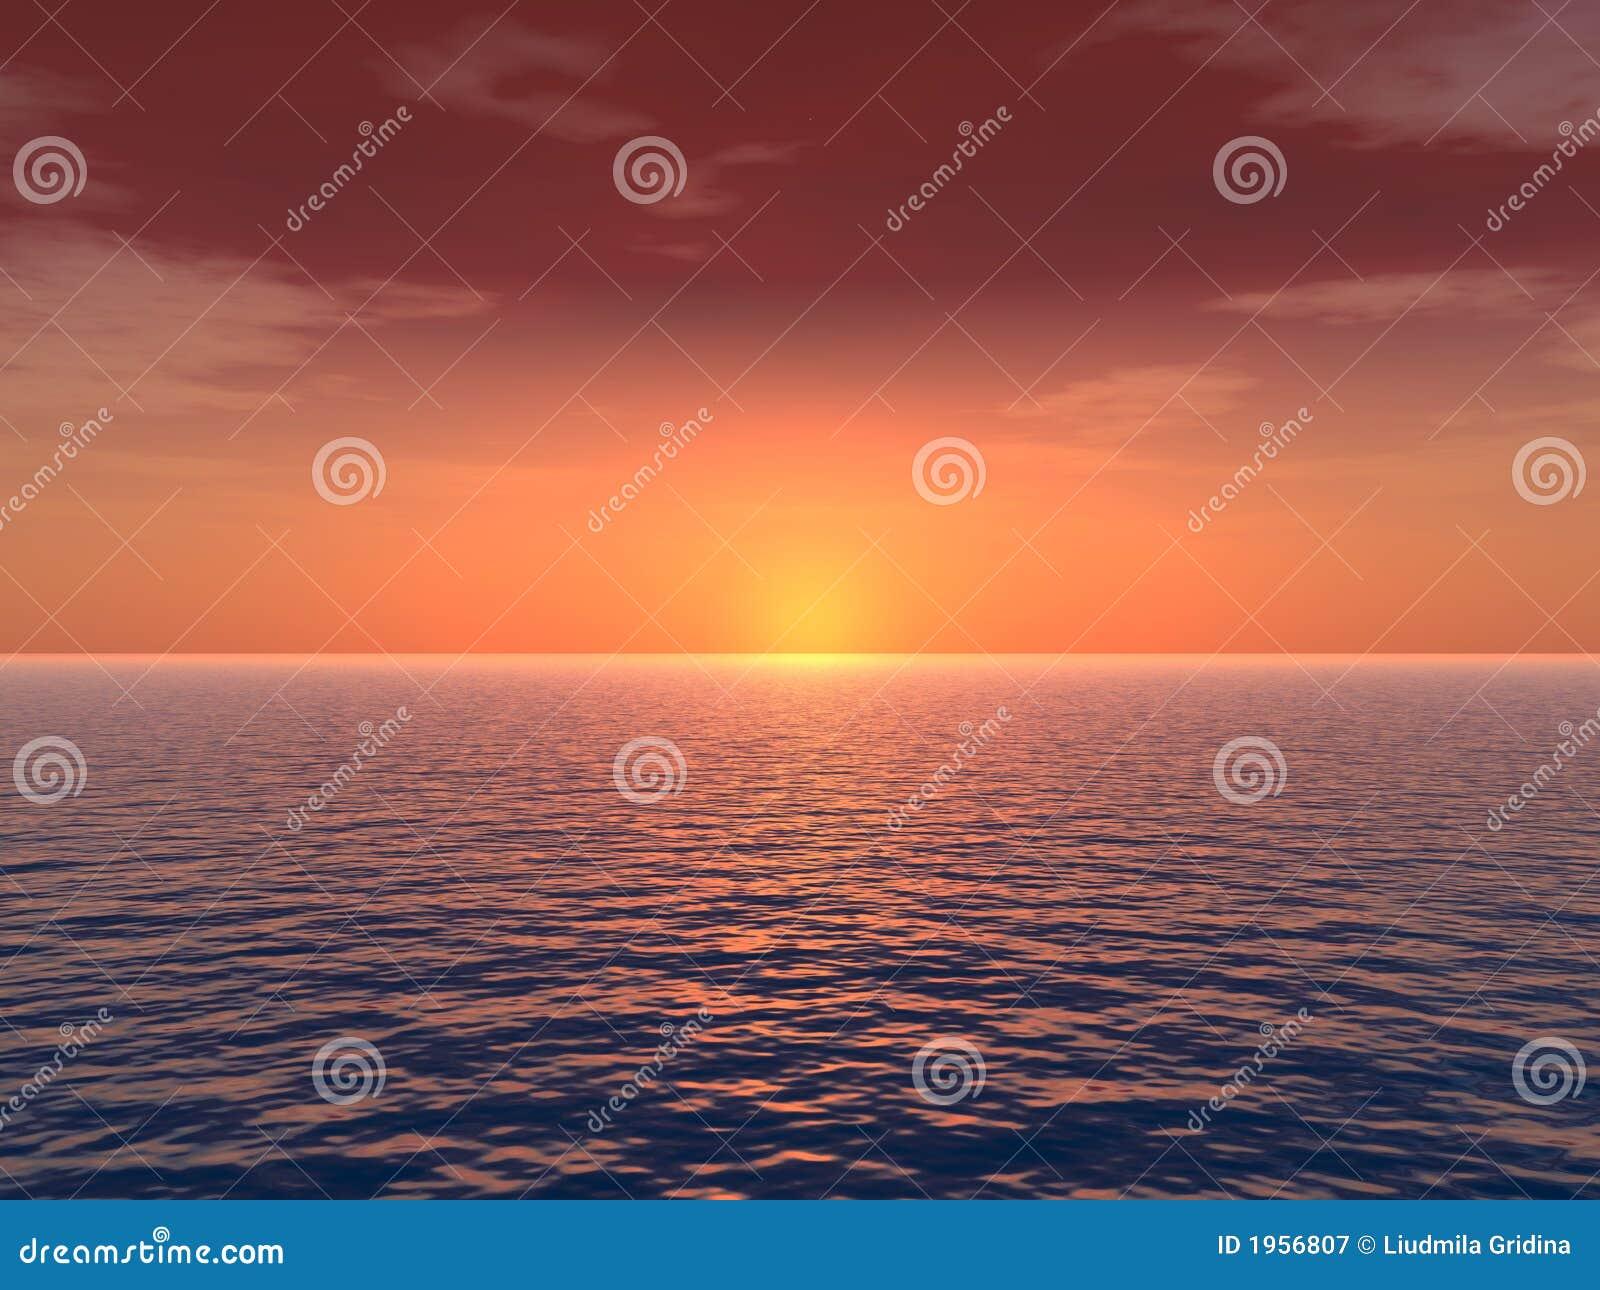 Deep_Sunset